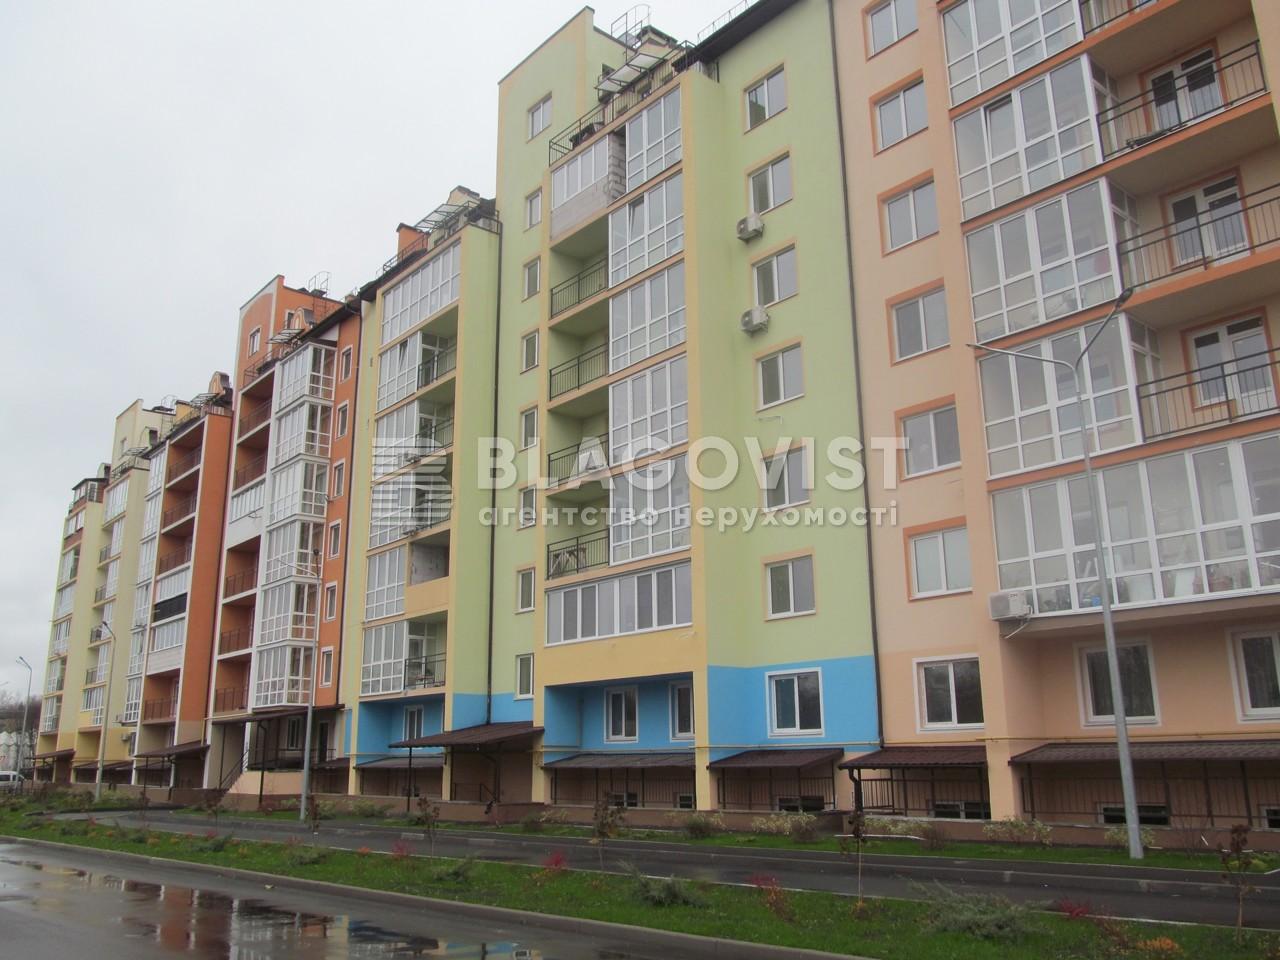 Квартира A-108228, Лебедева Академика, 1 корпус 7, Киев - Фото 2